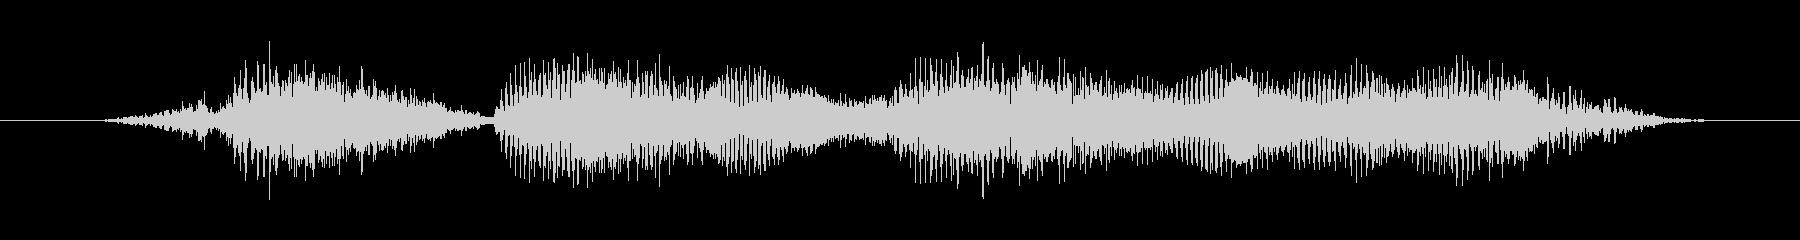 「セッティング完了」の未再生の波形